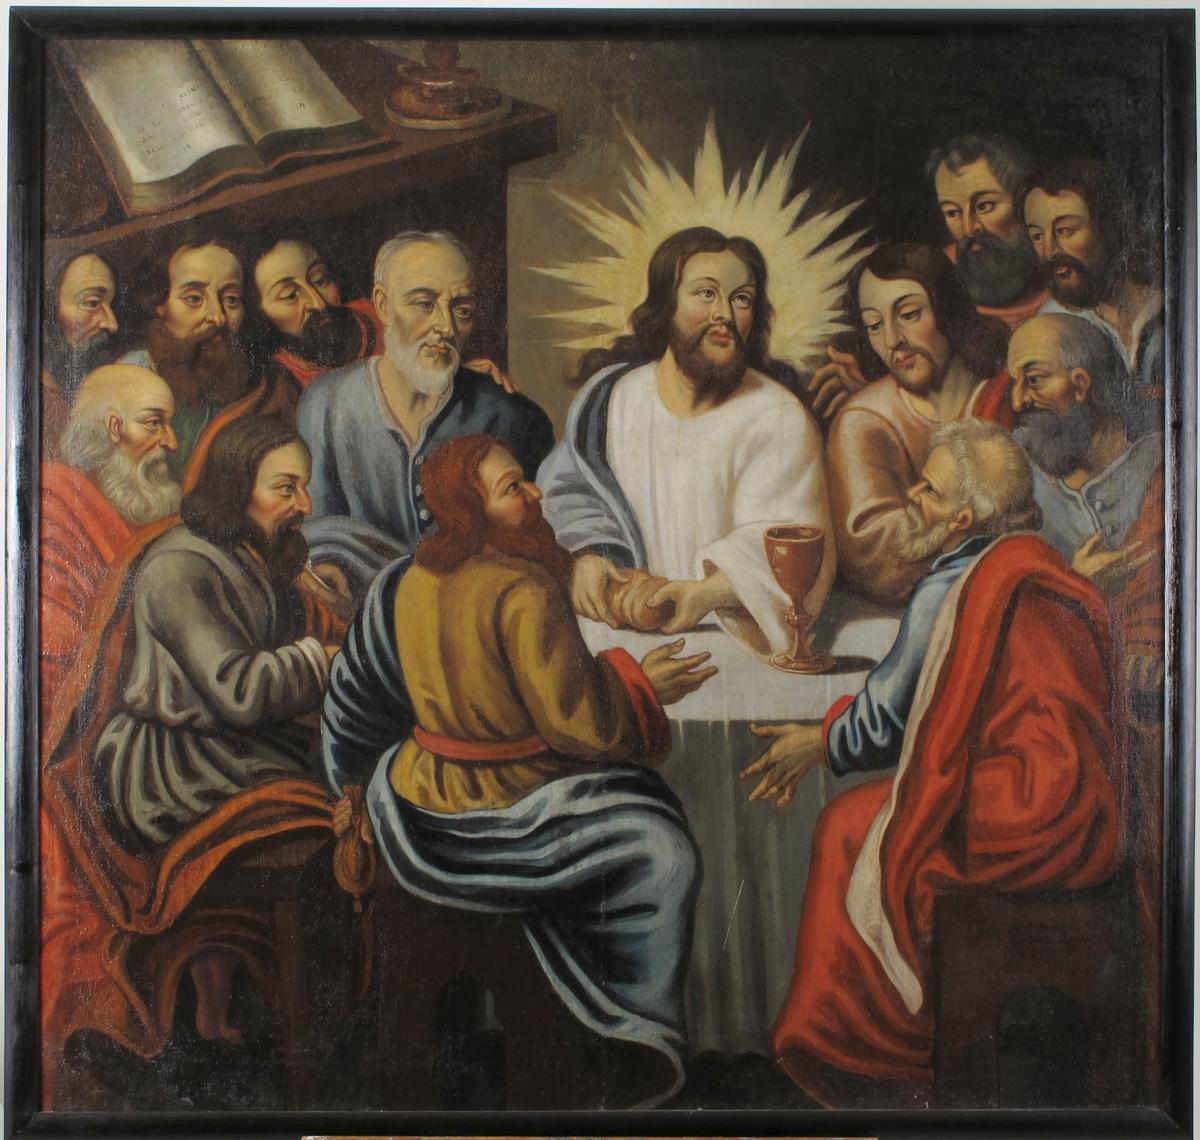 Kristus omgitt av 12 apostler ved bord m. hvit duk, hvorpå en kalk.   Kristus bryter brødet,  strålekrans bak hodet. Judas t.v. Peter t.h.  foran bordet sittende med ryggen til tilskueren. Judas med pengepung i venstre hånd. De andre apostler samlet sittende og  stående t. v. og h. for Kristus. Hylle m. oppslått bok i øv. v. hj.